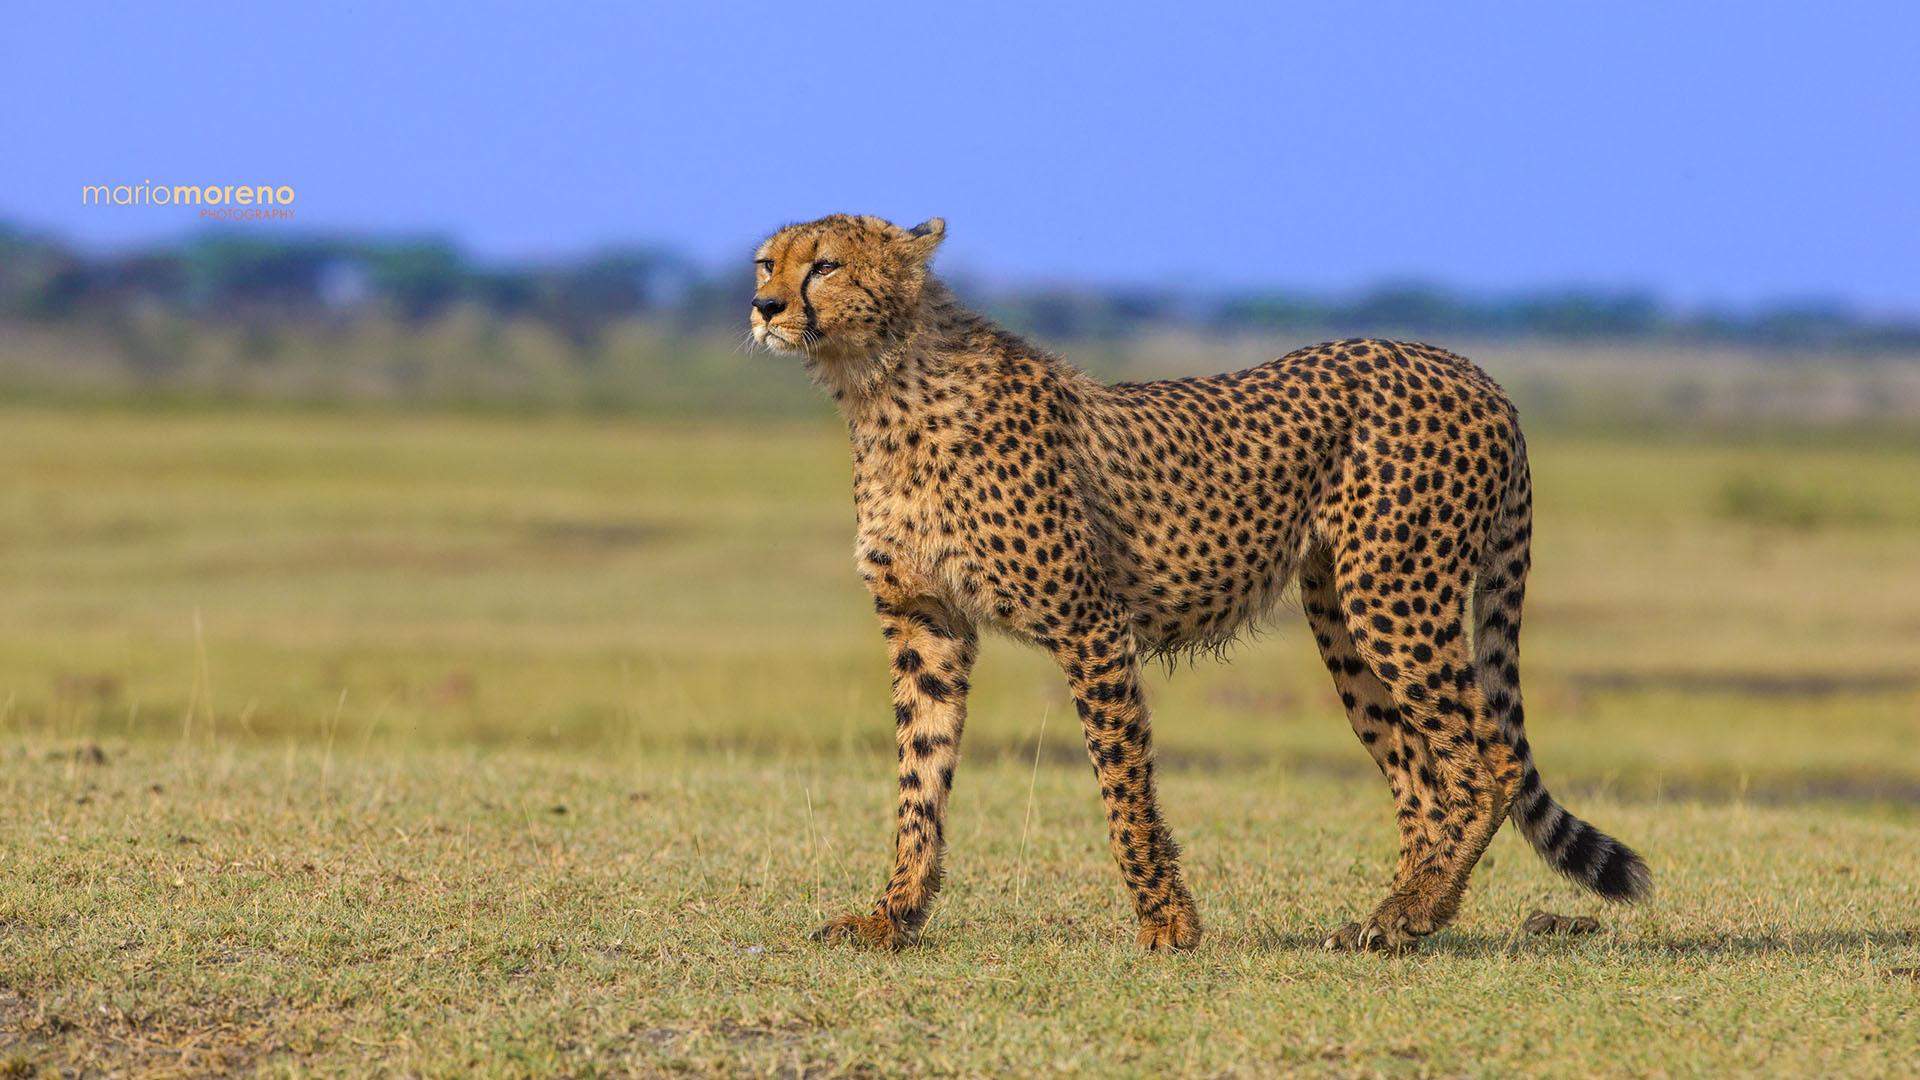 cheetah safari maasai wanderings